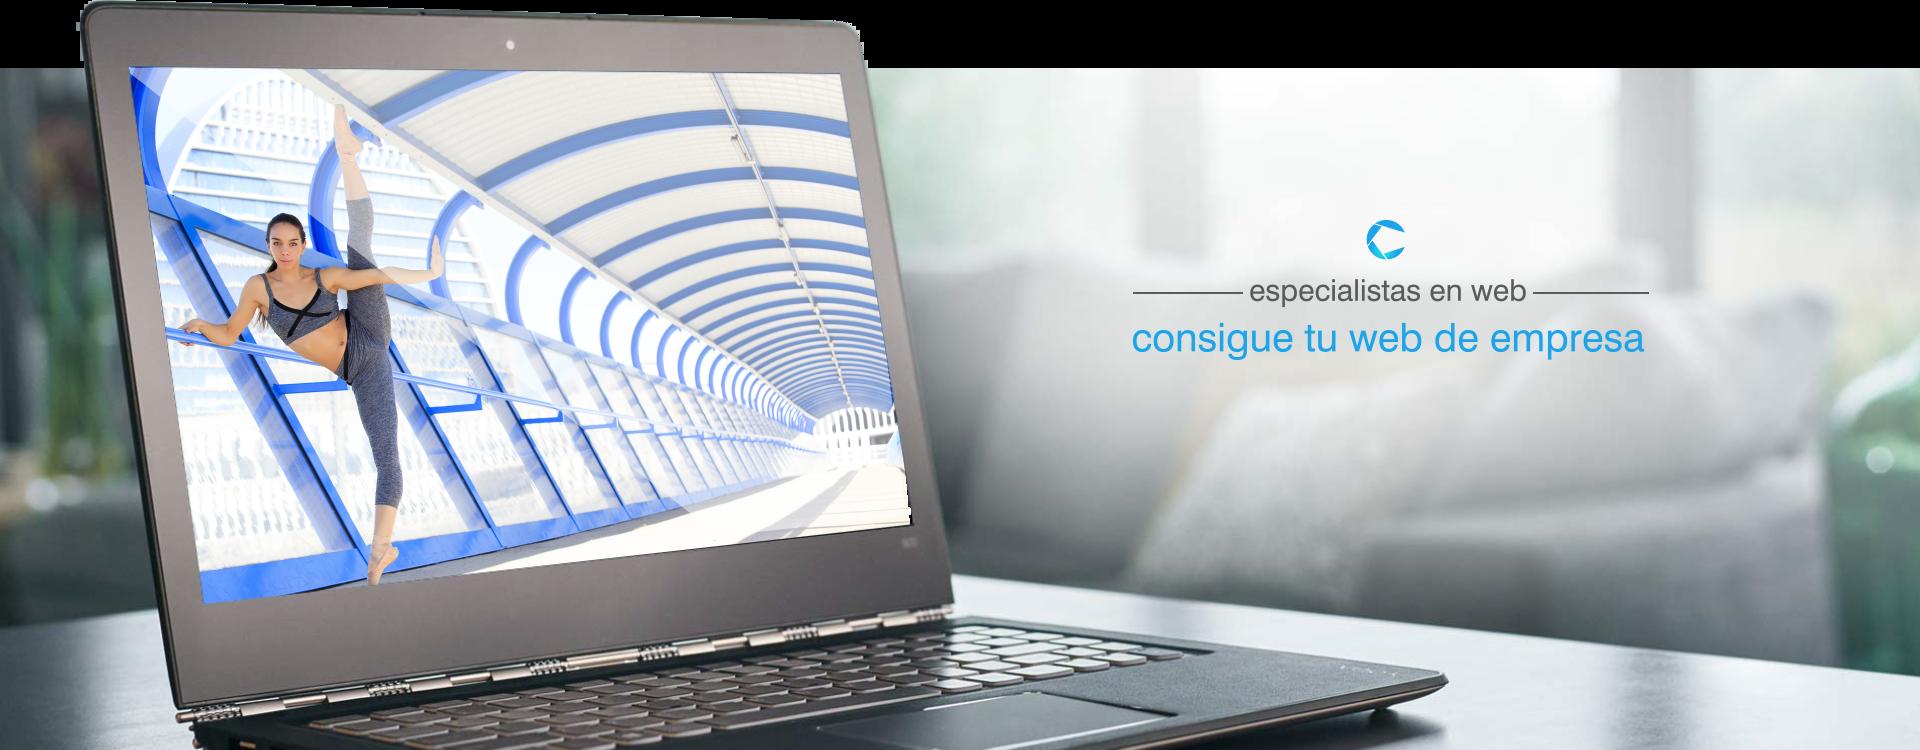 PerfectPixel-Publicidad-Agencia-de-Publicidad-en-Madrid-Servicios-de-Publicidad-y-Merketing-para-empresas-Banner-Home-1